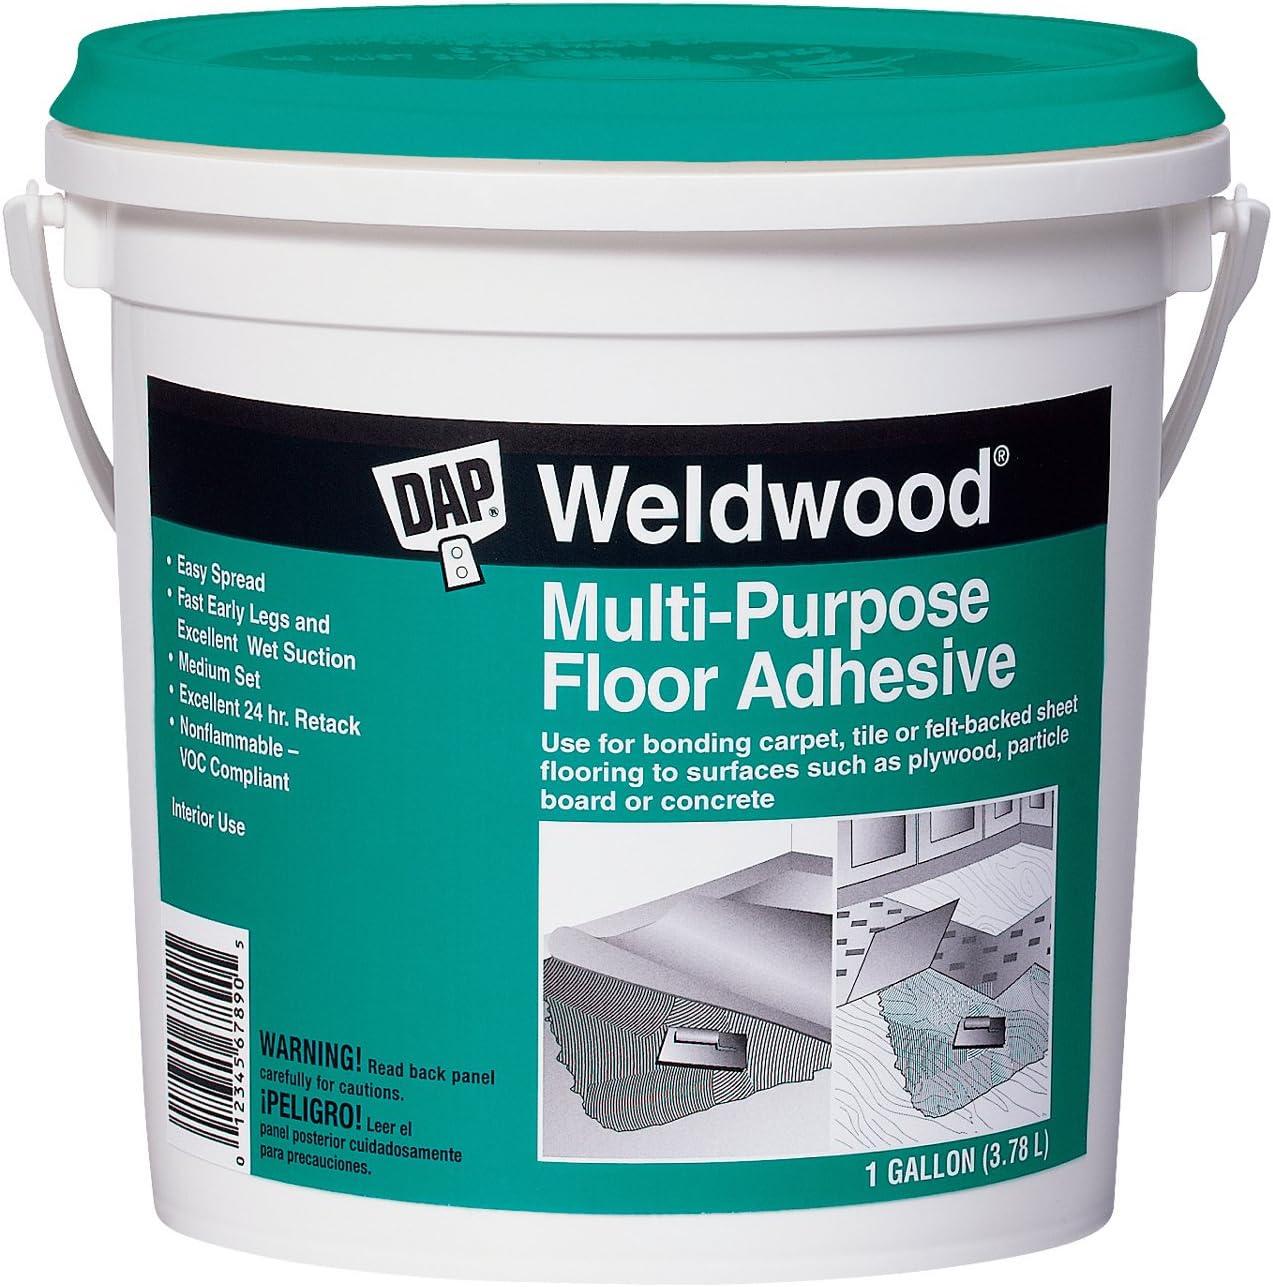 Dap 00141 Multi-Purpose Floor Adhesive, 1-Quart - Industrial Adhesives -